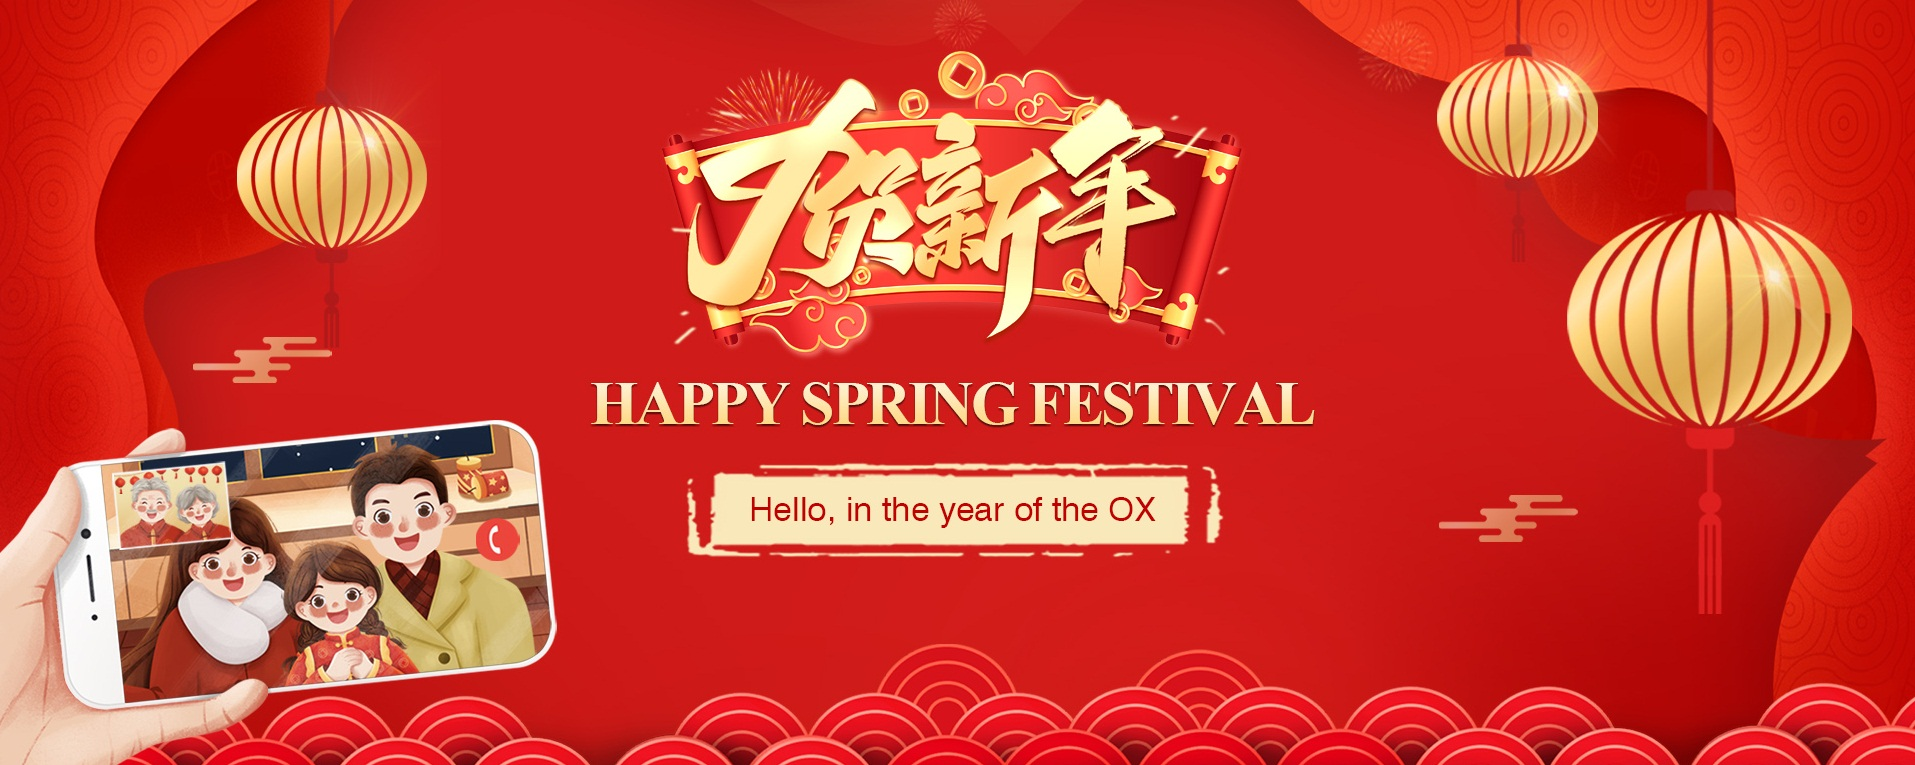 Enjoy Spring Festival wherever you are